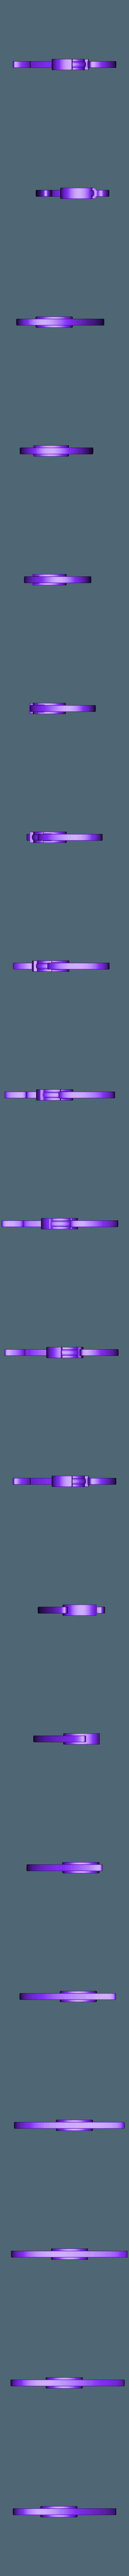 Ear Hook V3 v4.stl Download free STL file Google Pixel Bud Ear Hook • 3D printer template, TMahmud75